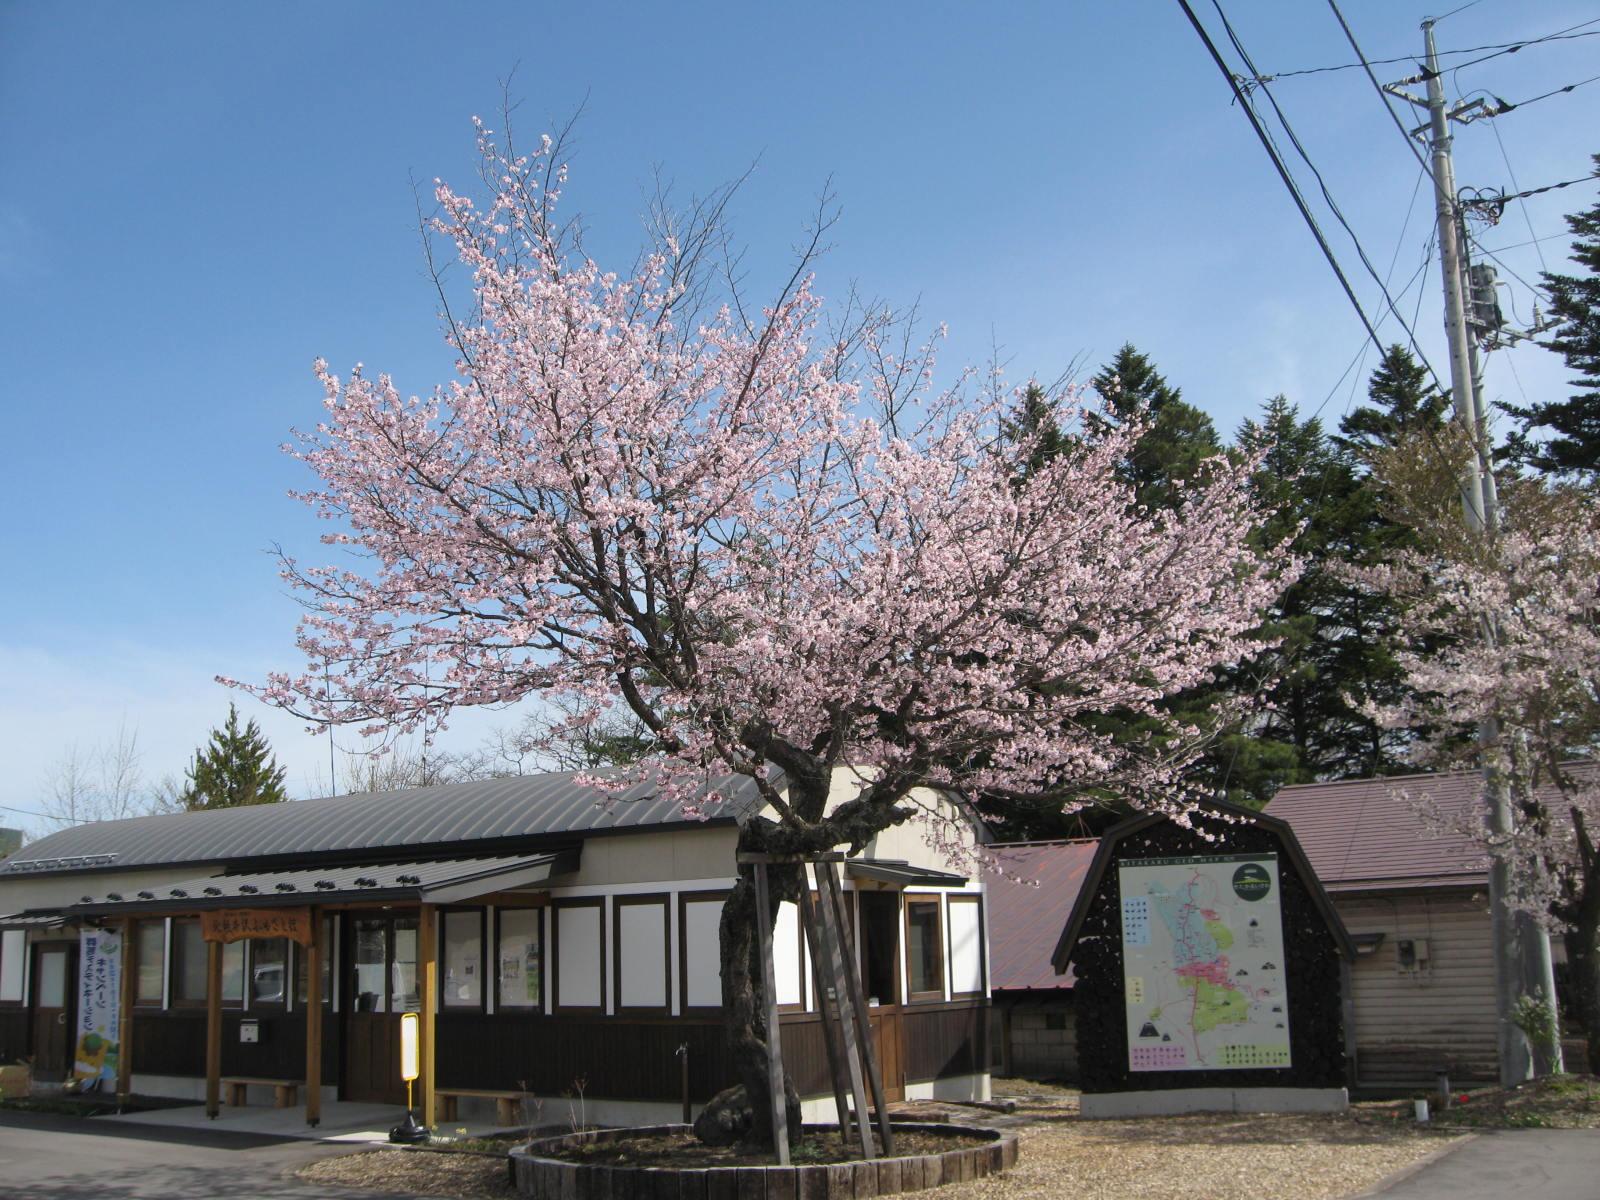 桜が咲いた!_f0146620_23373682.jpg